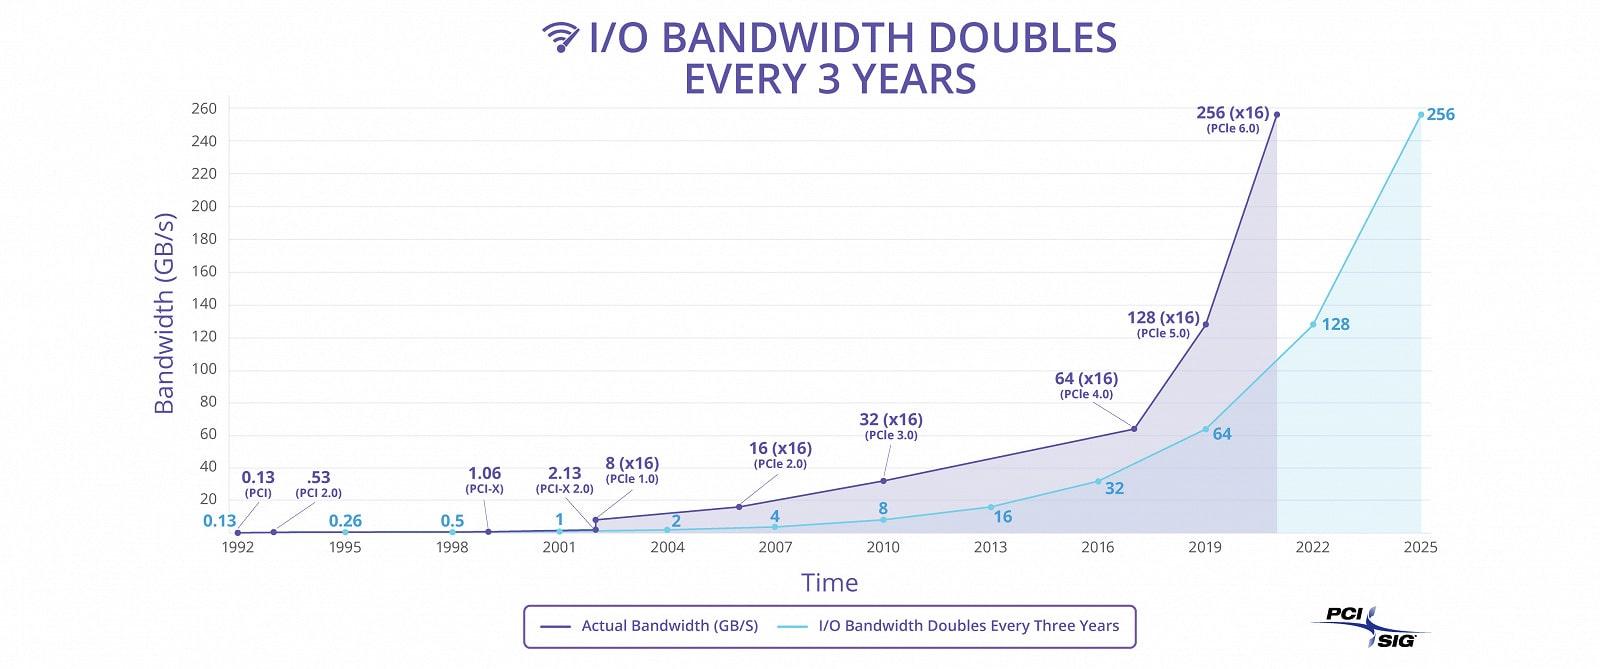 Анонсирована спецификация PCIe 6.0 — максимальная скорость возрастет до 256 ГТ/с